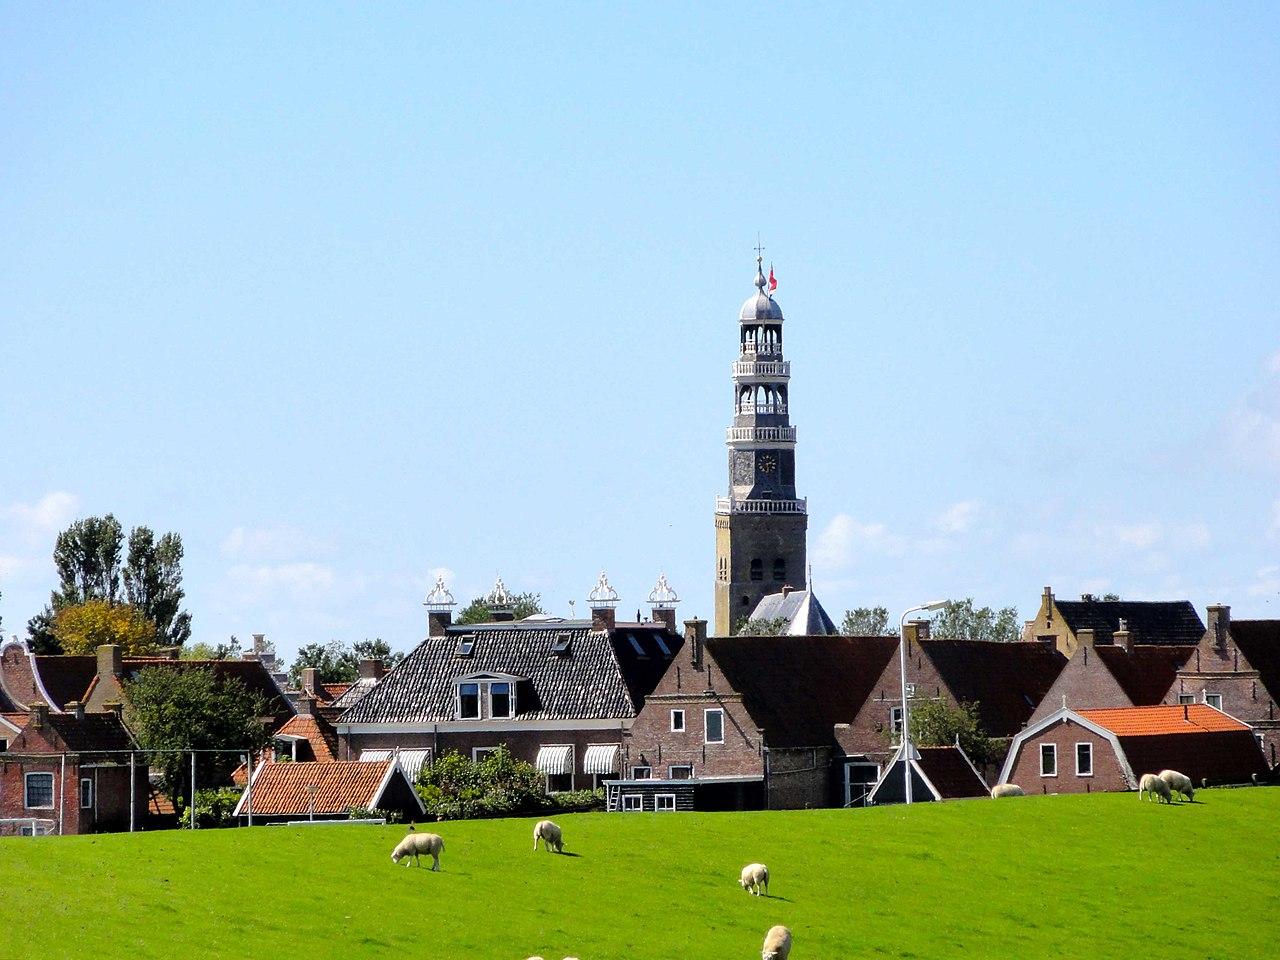 Grote kerk in Hindeloopen